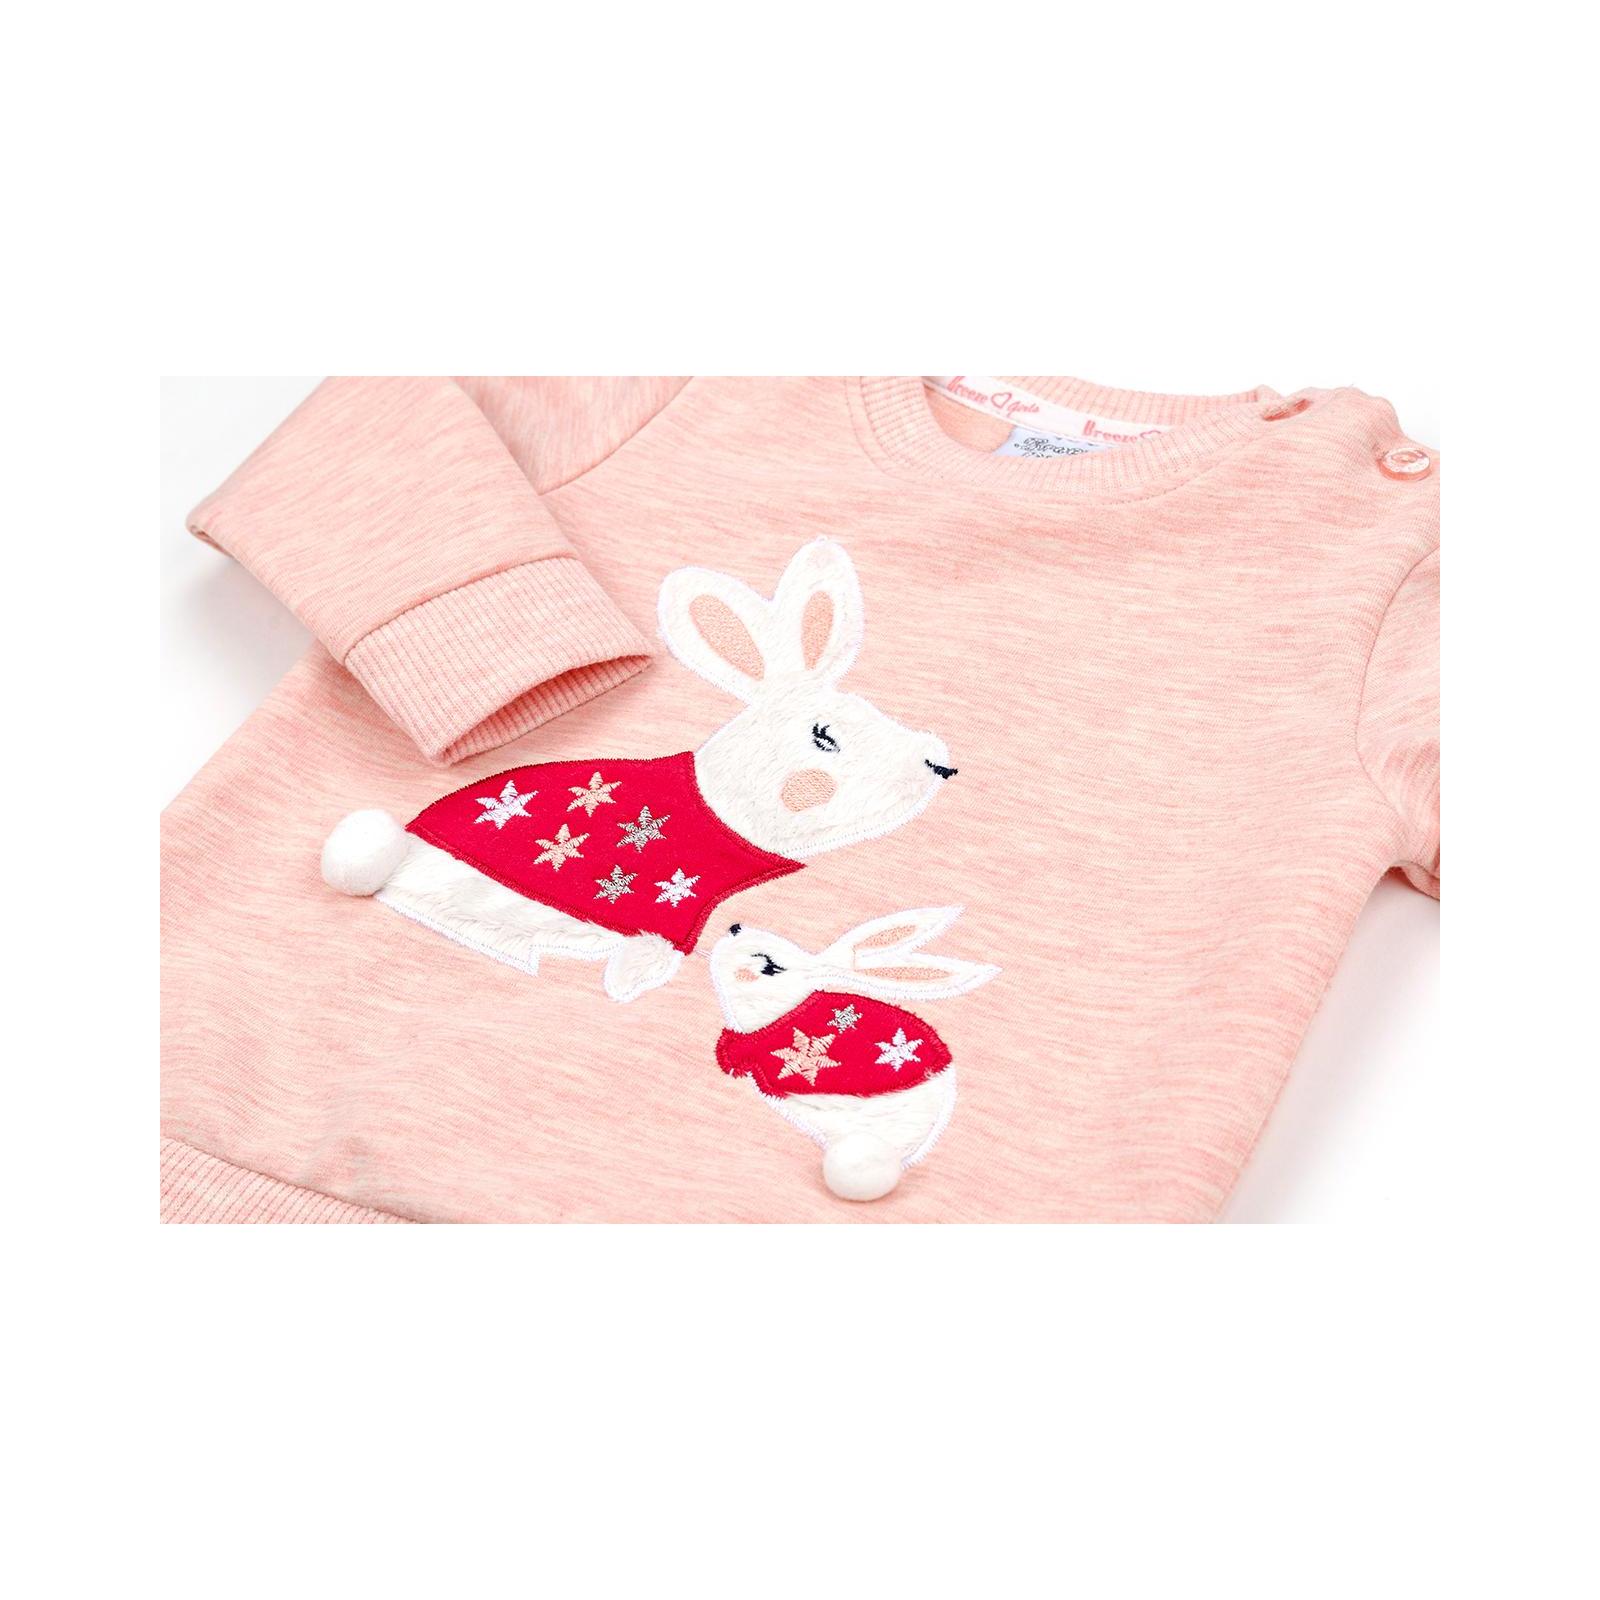 Набор детской одежды Breeze с зайчиками (10214-98G-peach) изображение 9